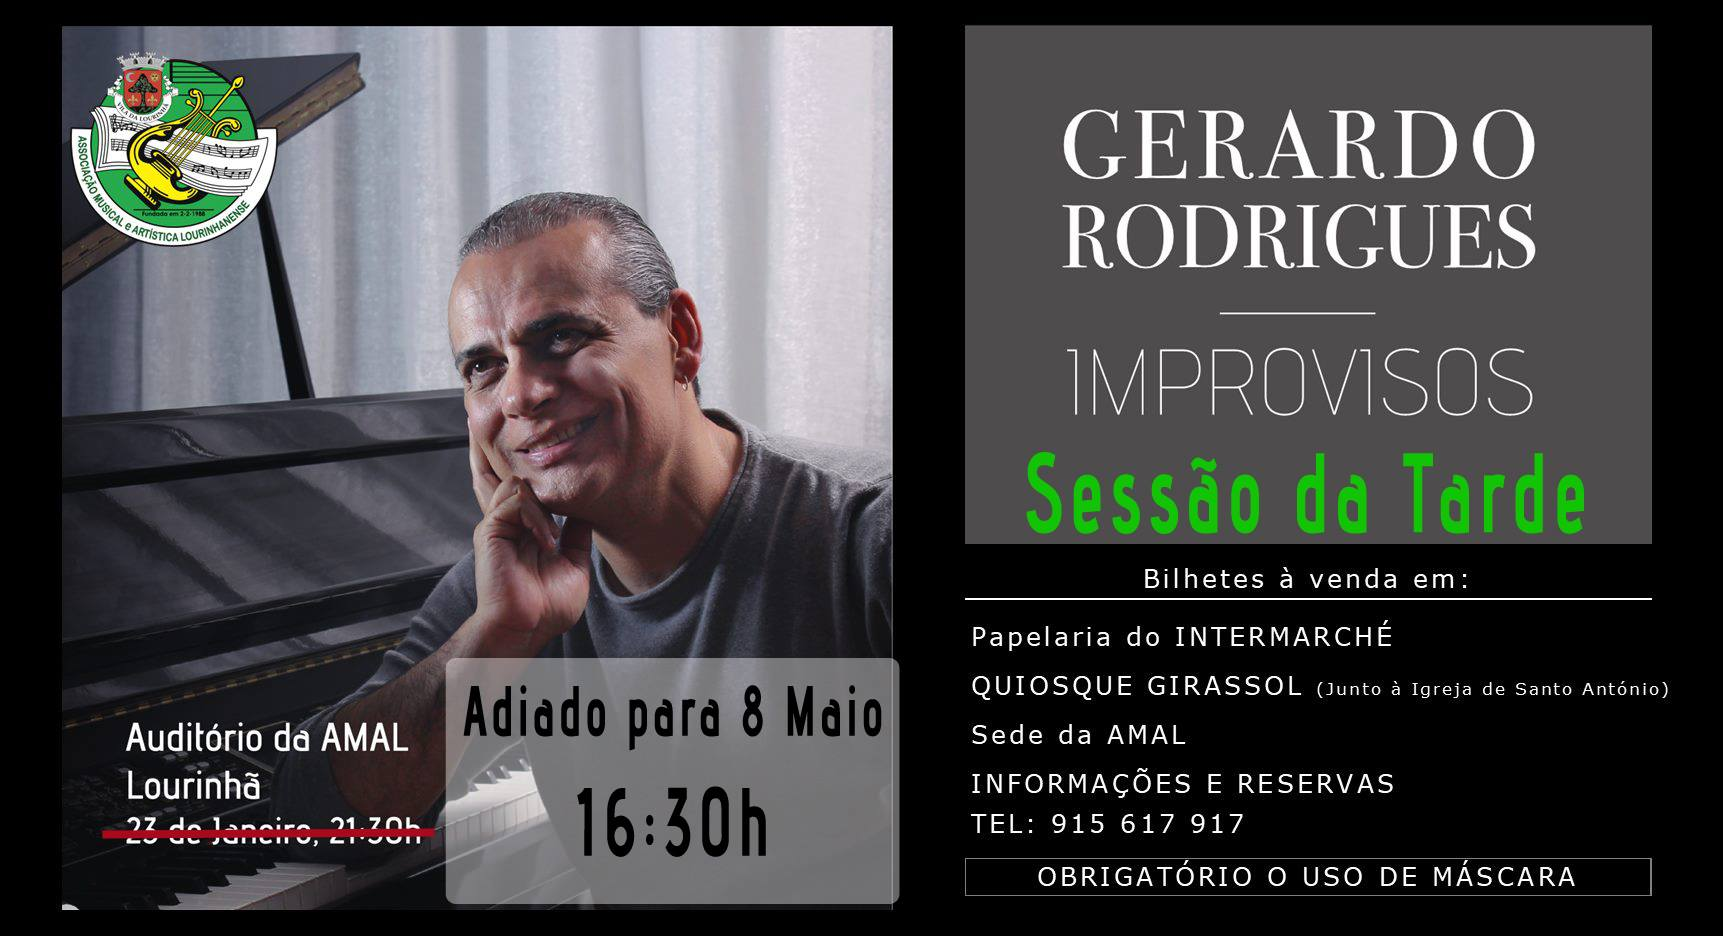 Concerto 'Improvisos' - Gerardo Rodrigues - Sessão da Tarde